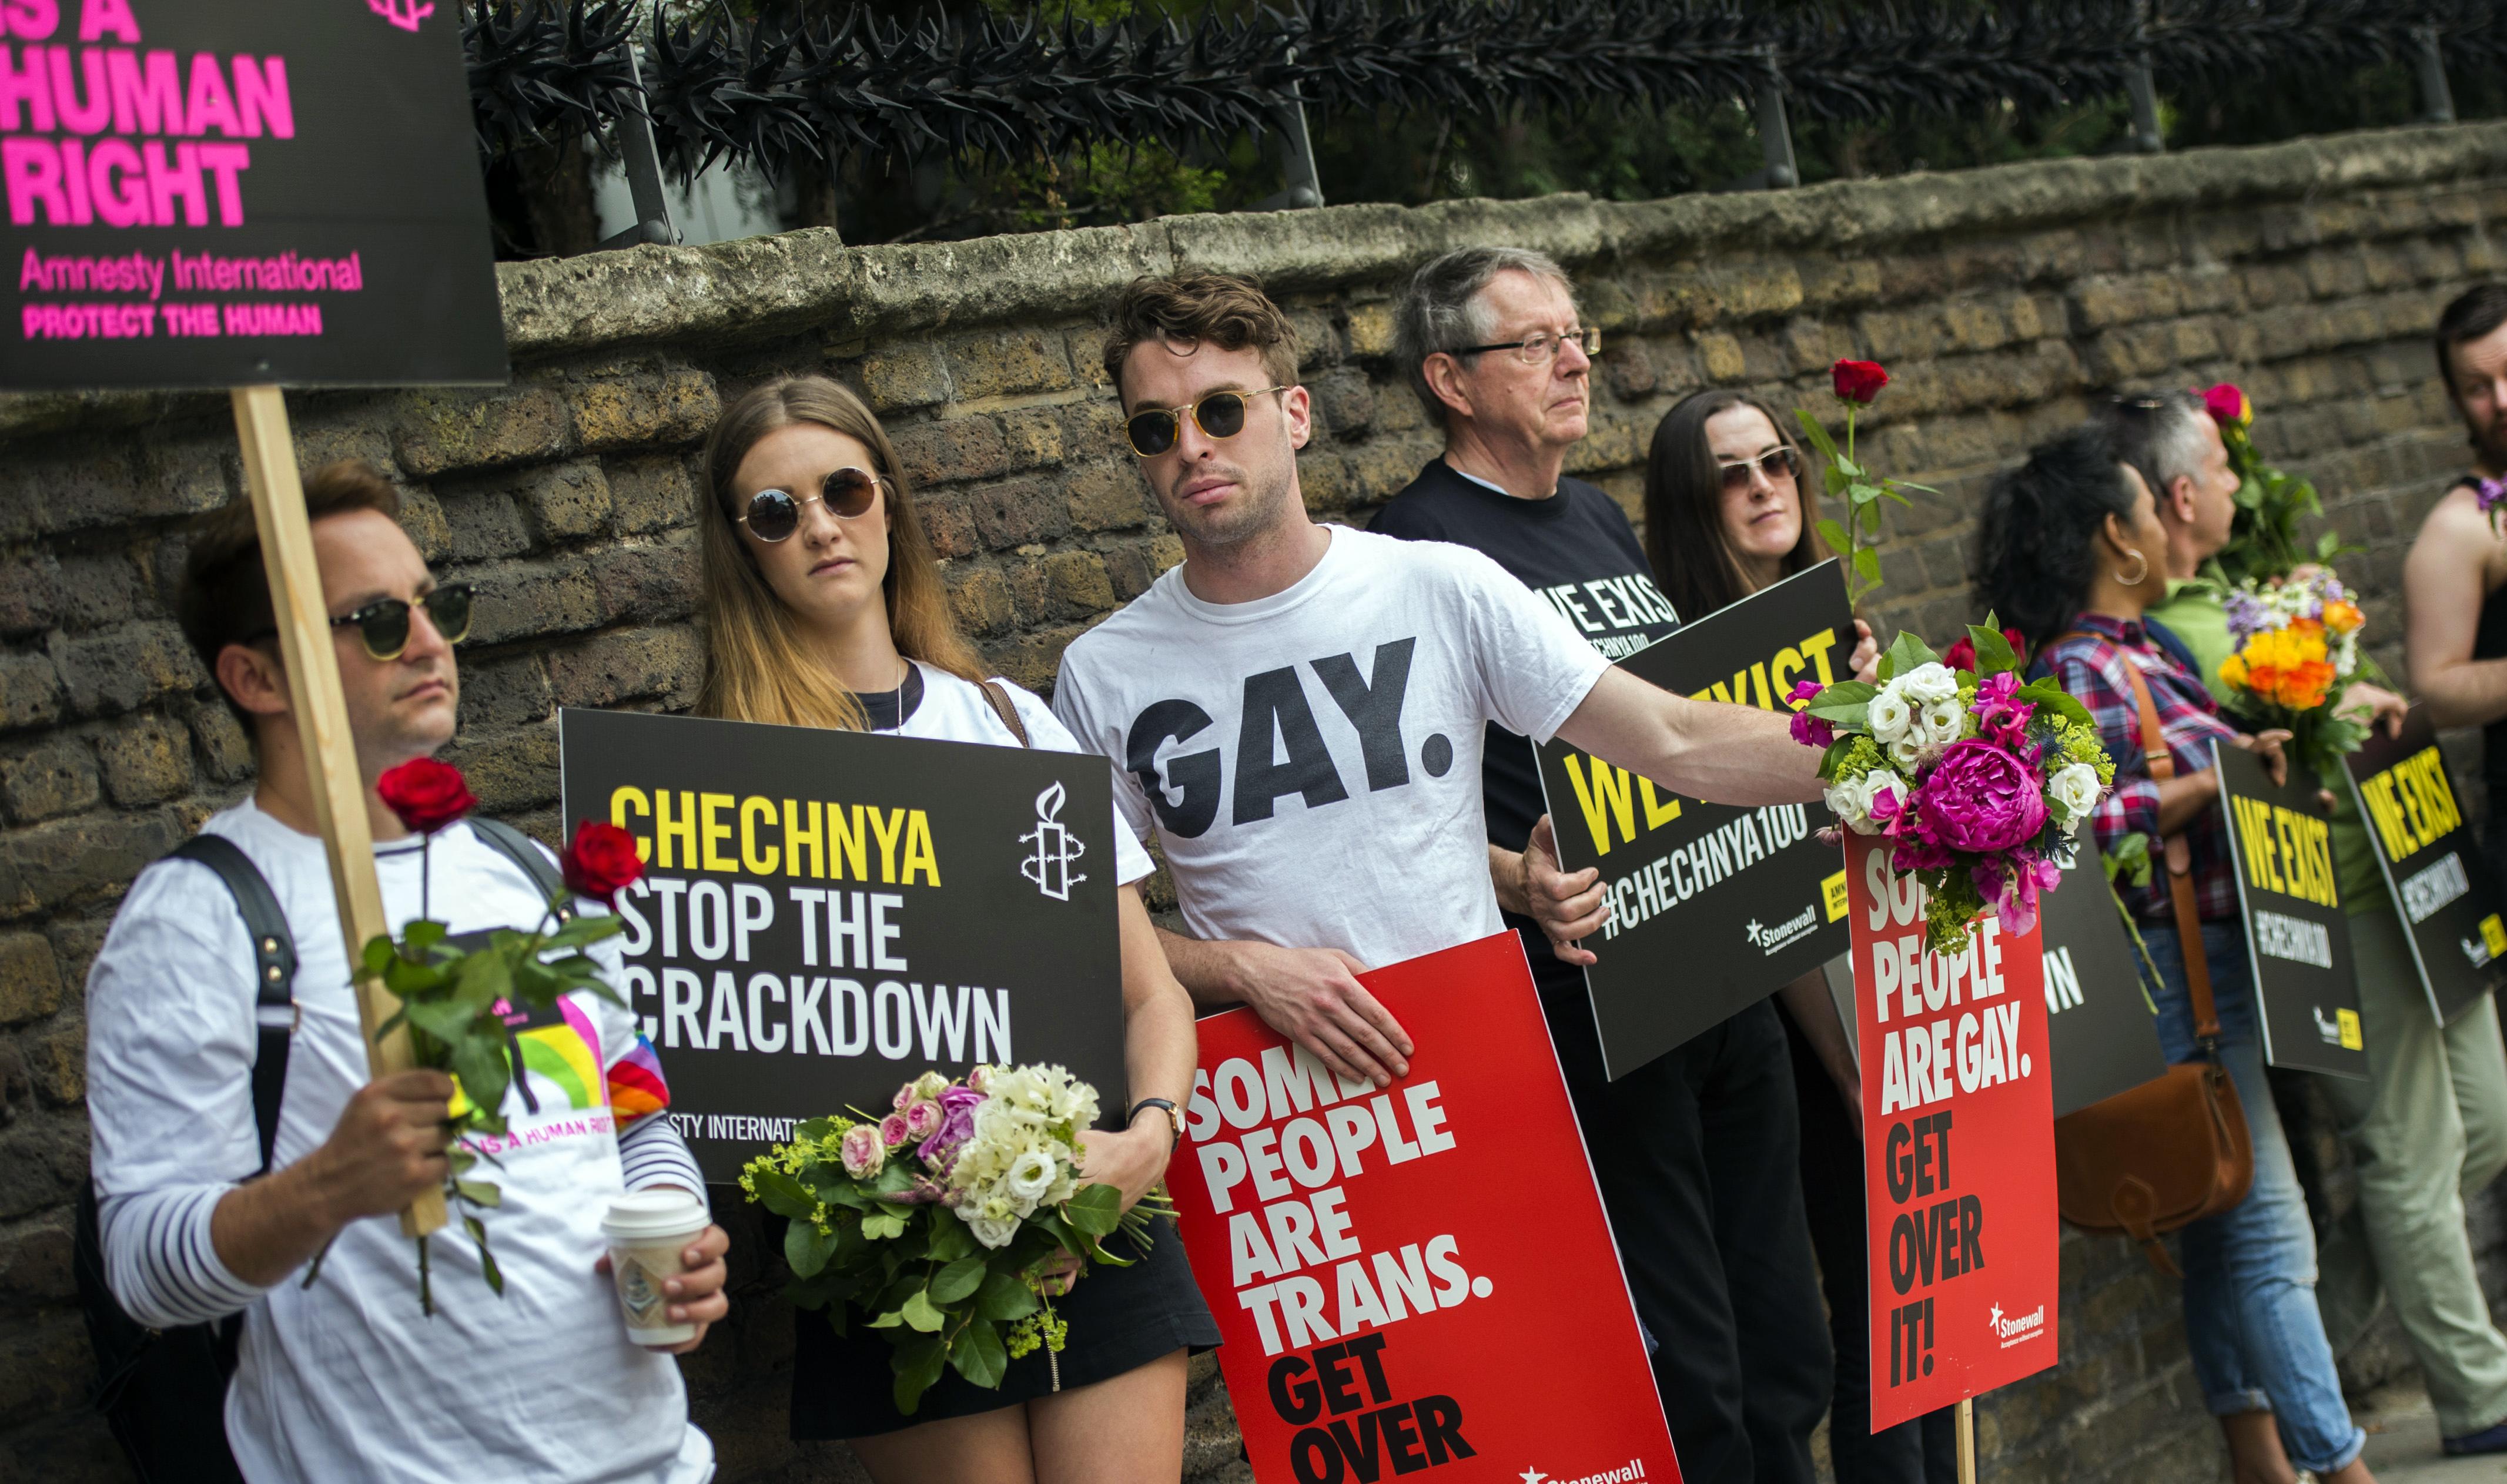 Протестующие в защиту прав геев Чечни. Фото: EPA